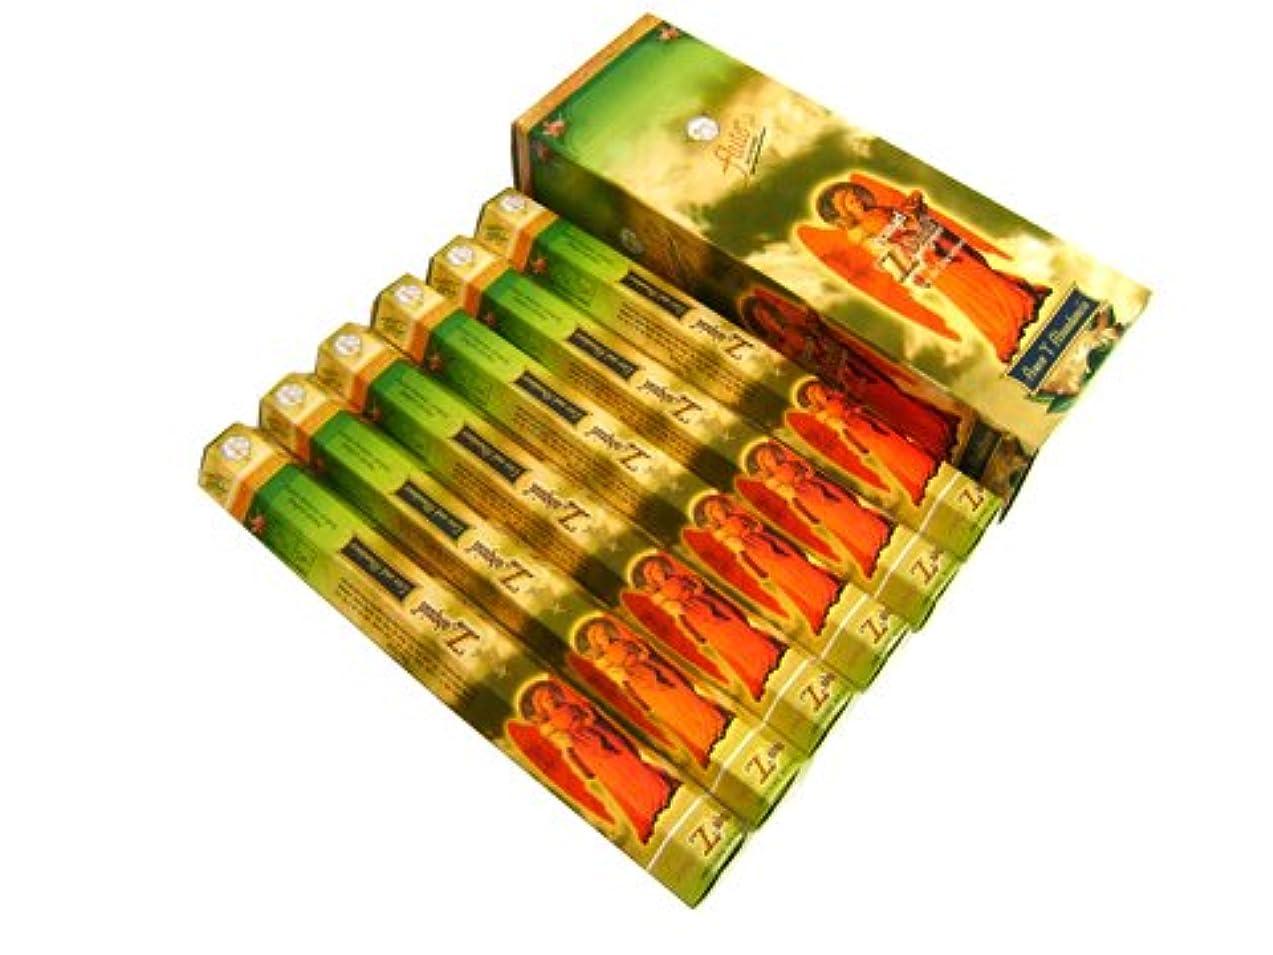 削減空洞バターFLUTE(フルート) ザドキエル香 スティック ZADQUIEL 6箱セット